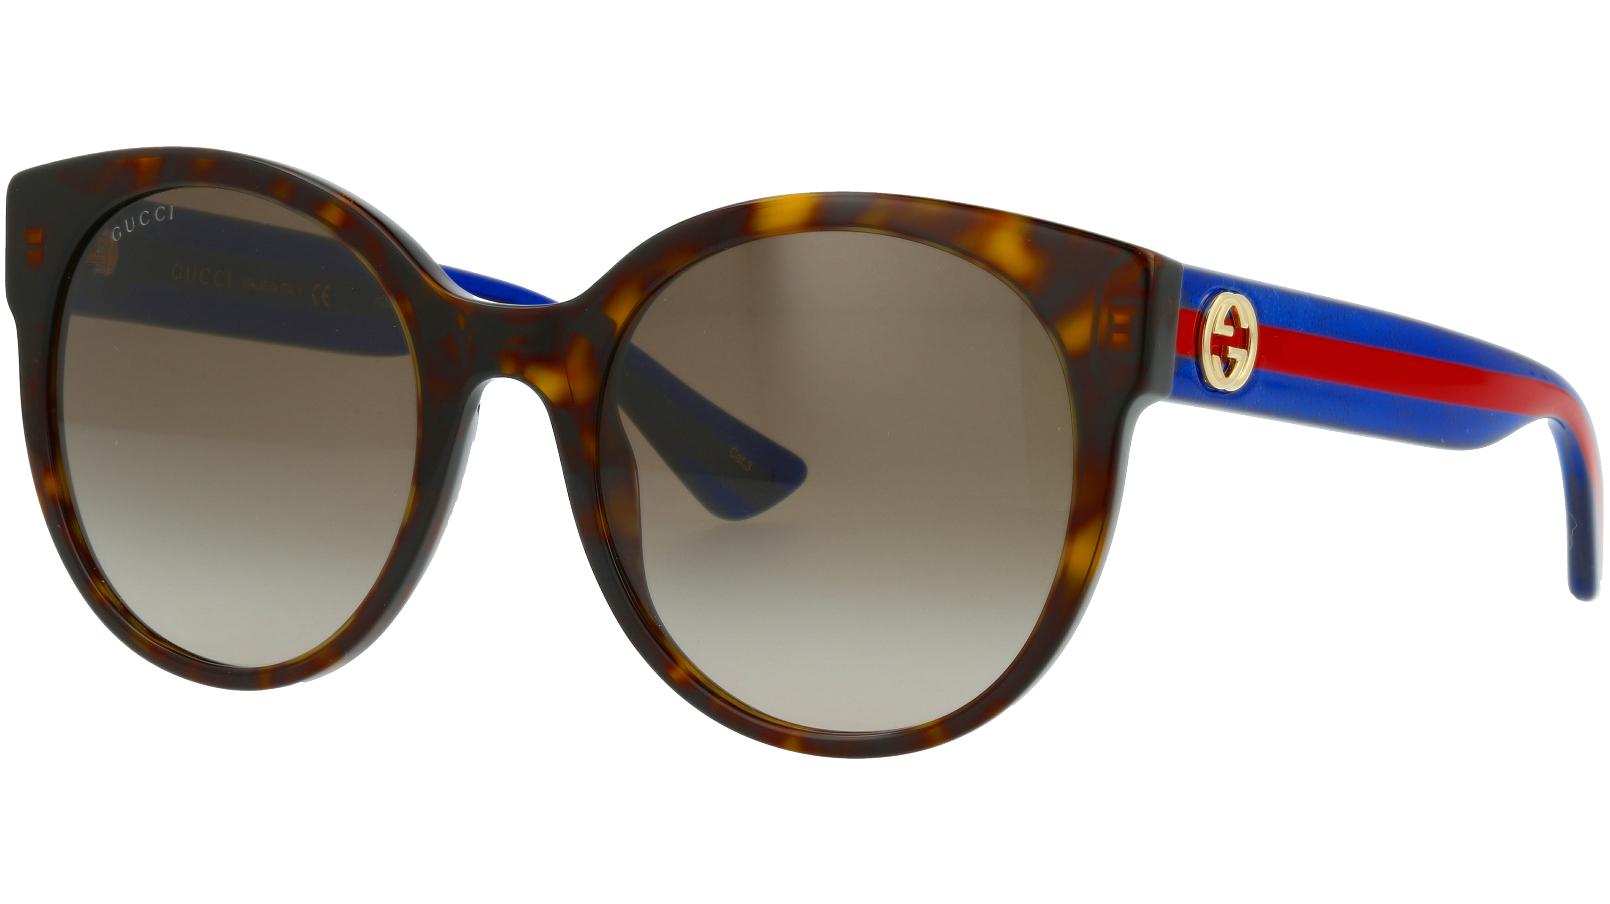 Gucci GG0035S 004 54 AVANA Sunglasses